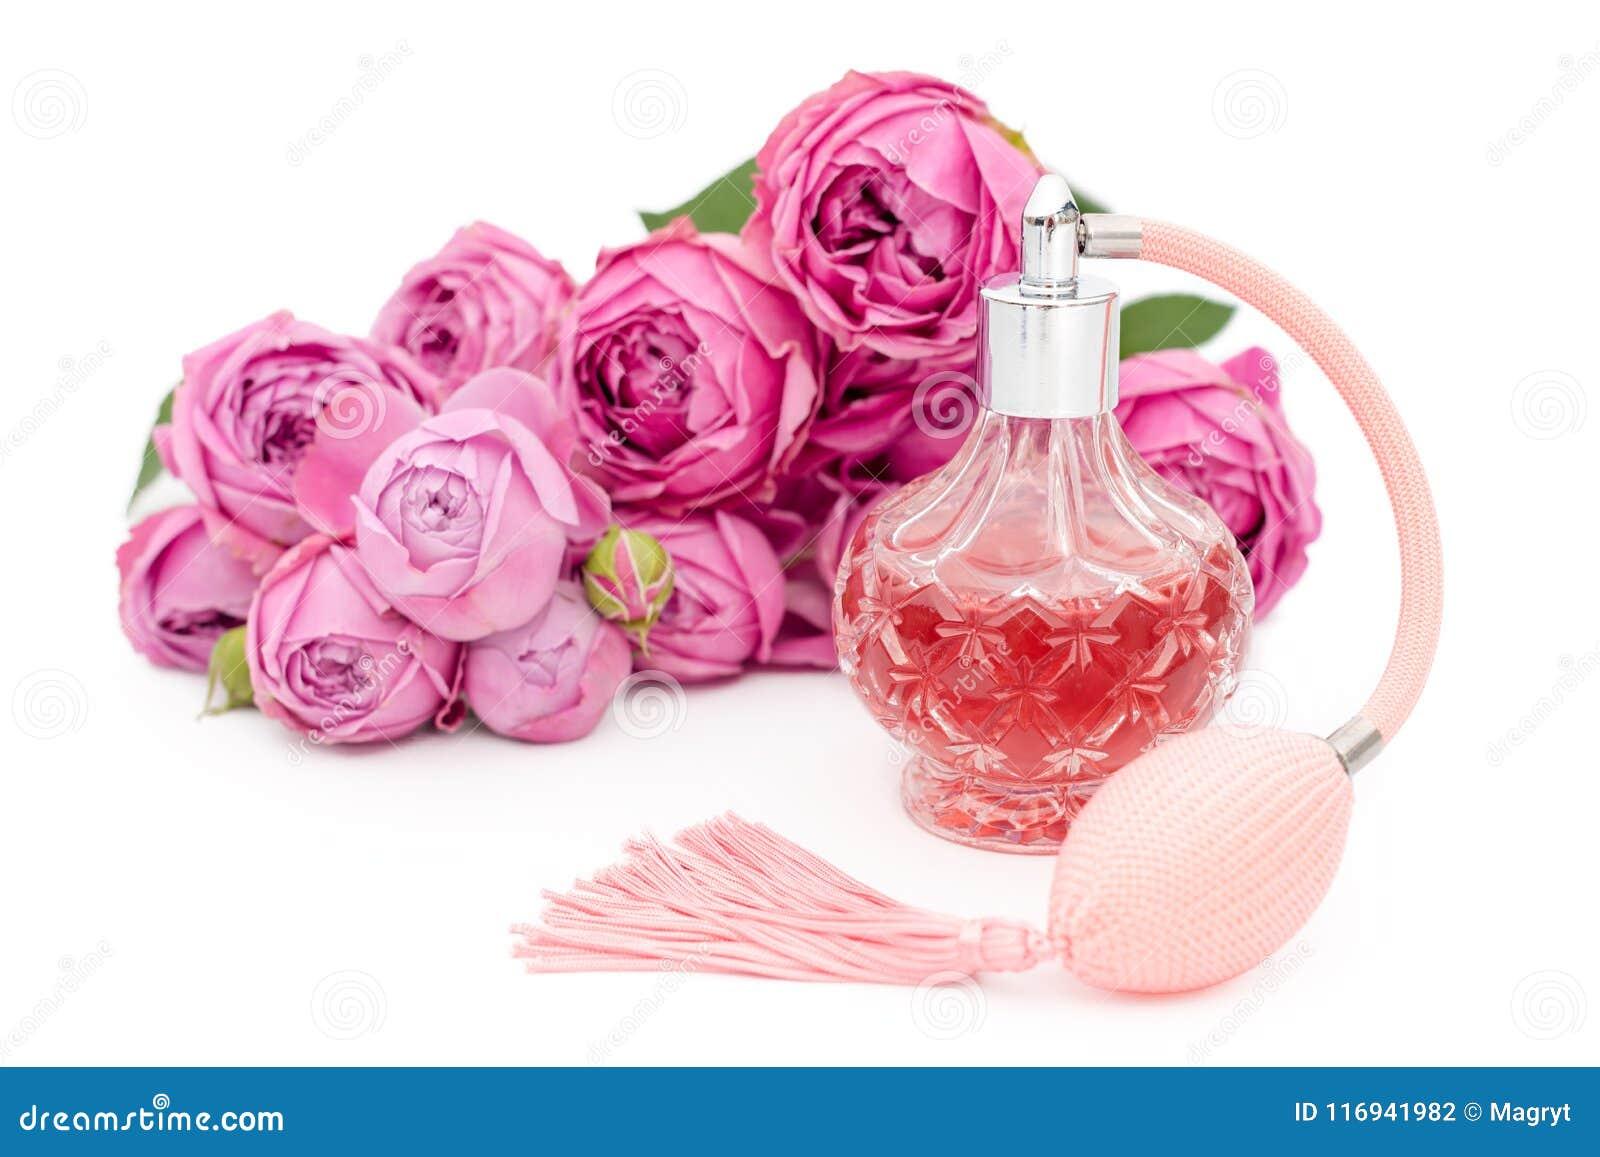 a63b7f7b38e7 Garrafa de perfume com as flores no fundo branco Perfumaria, cosméticos,  coleção da fragrância